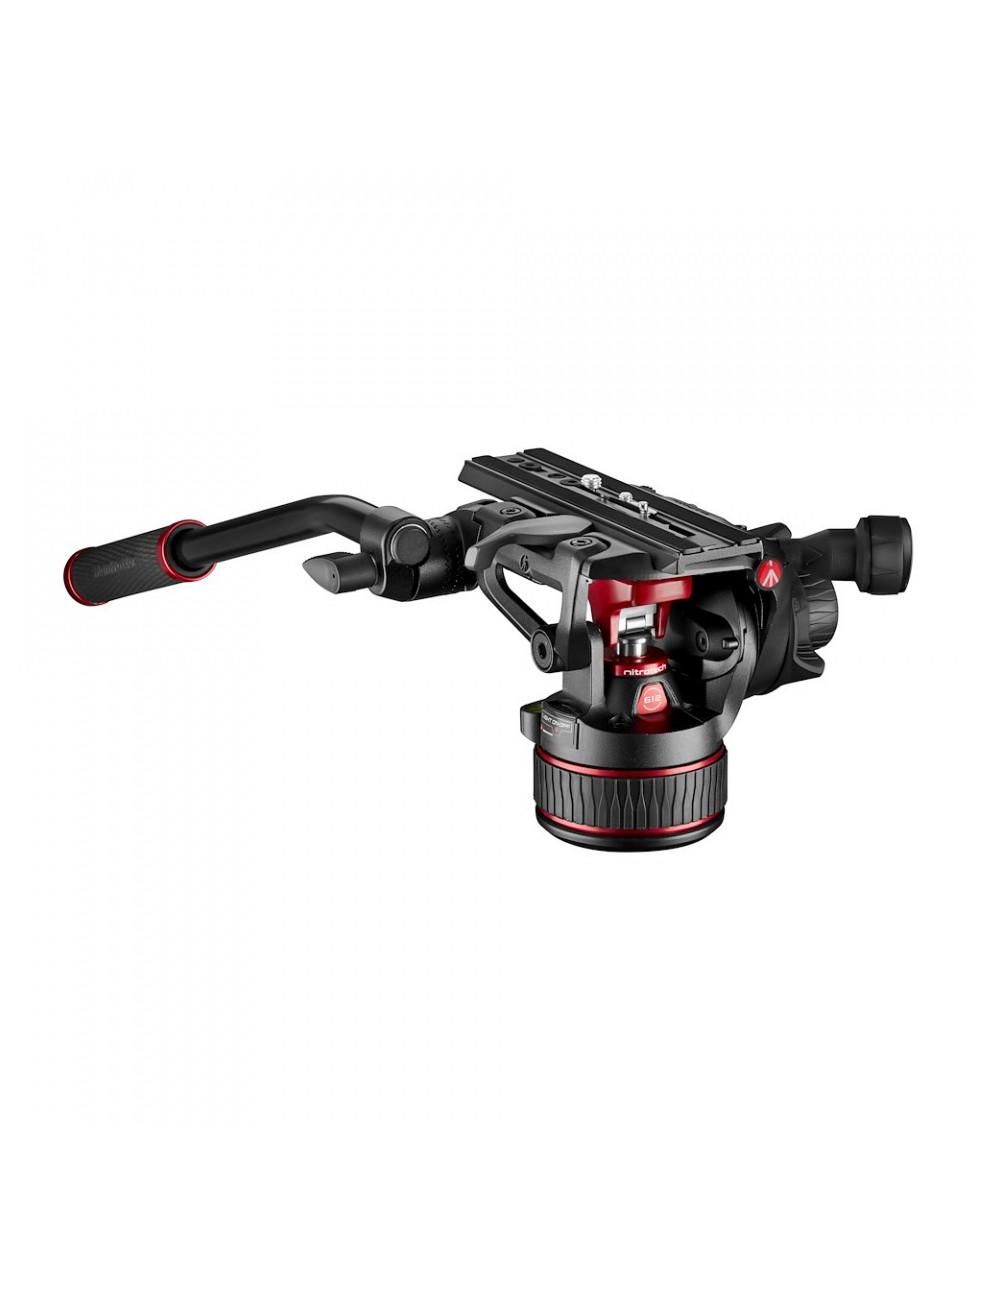 Profoto B10 DUO flash potente, con batería y luz para video Mochila con 2 Unidades